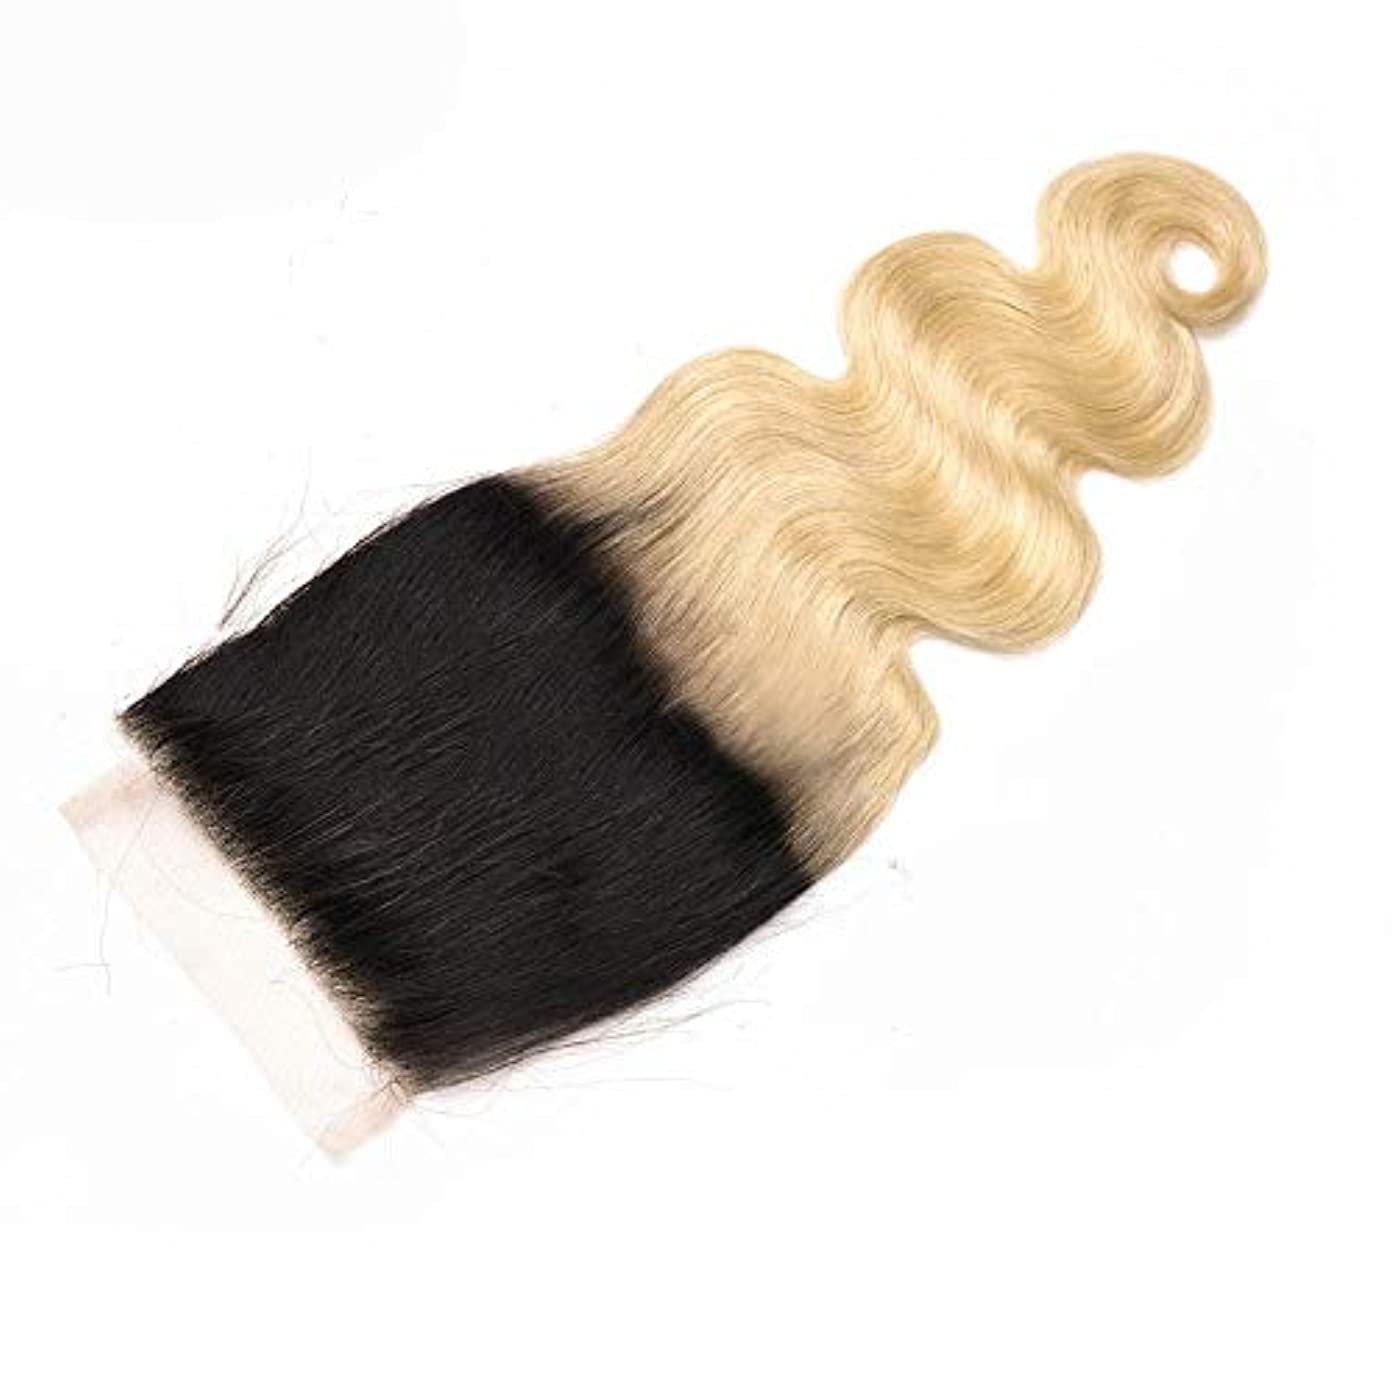 正直驚いた政治家WASAIO T1bの/ 613#ブラックにブロンド2トーン色 - ホワイト女性のボディウェーブレースフロンタル閉鎖のためのウィッグ (色 : Blonde, サイズ : 14 inch)